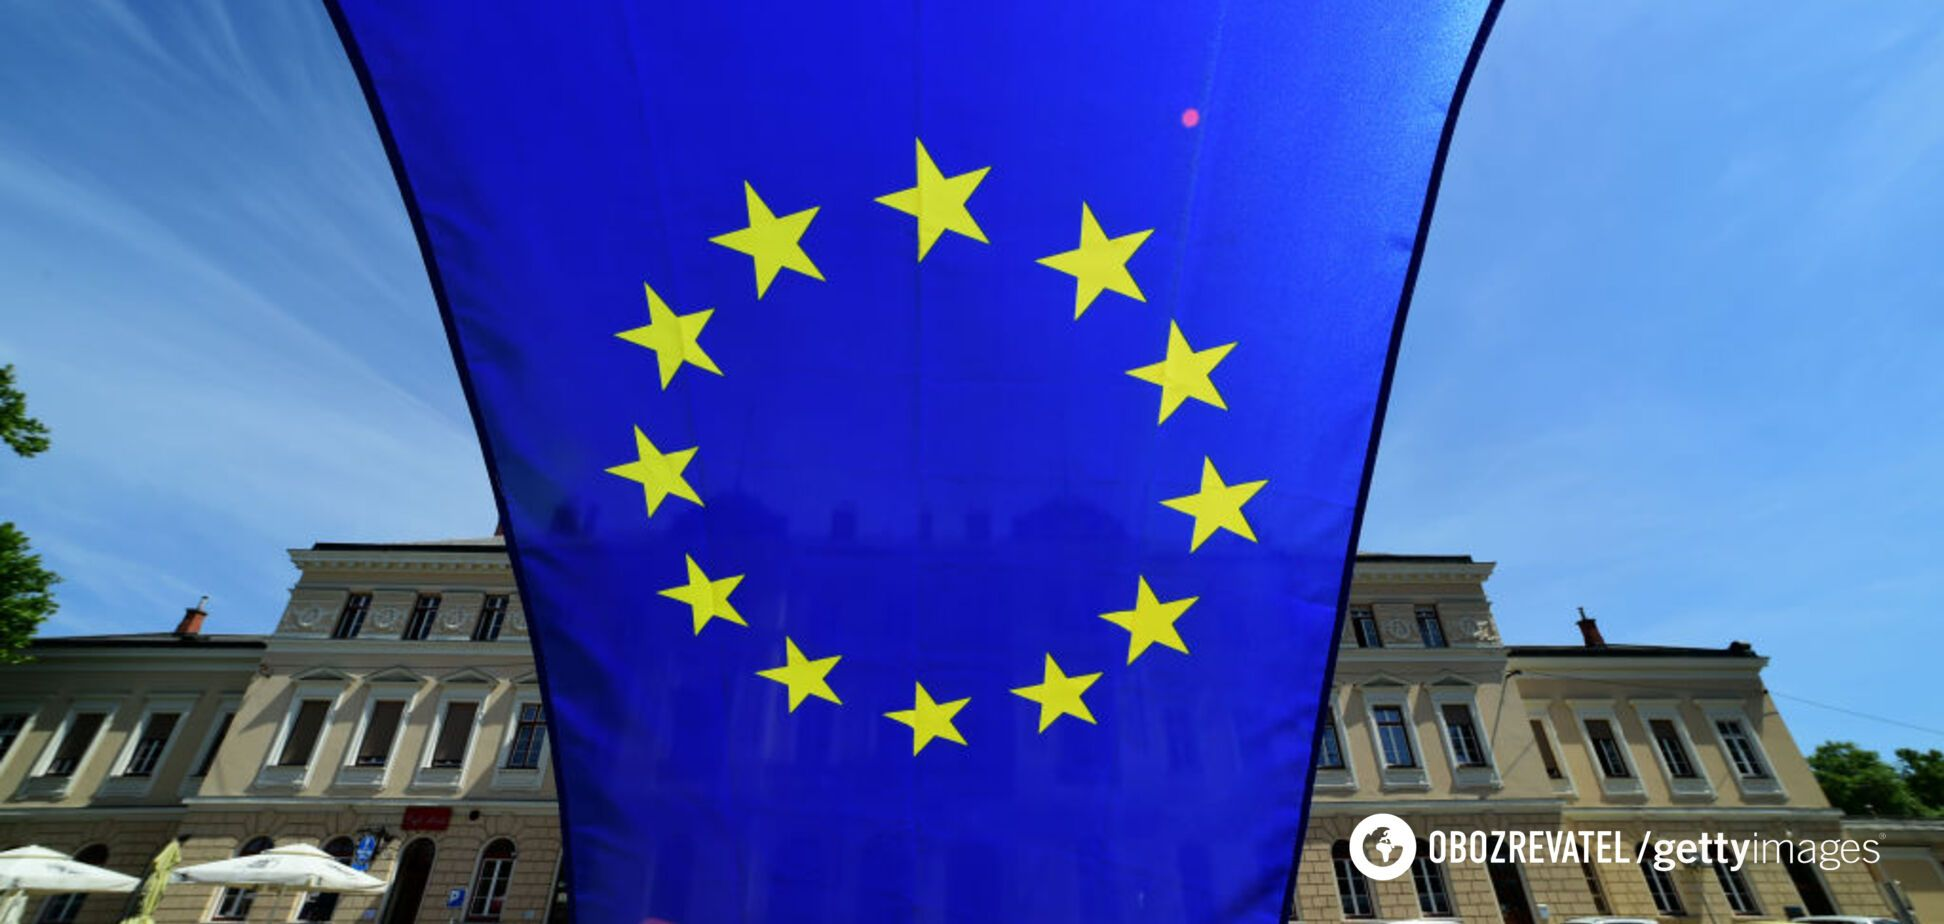 Словенія першою в Європі оголосила про завершення пандемії COVID-19